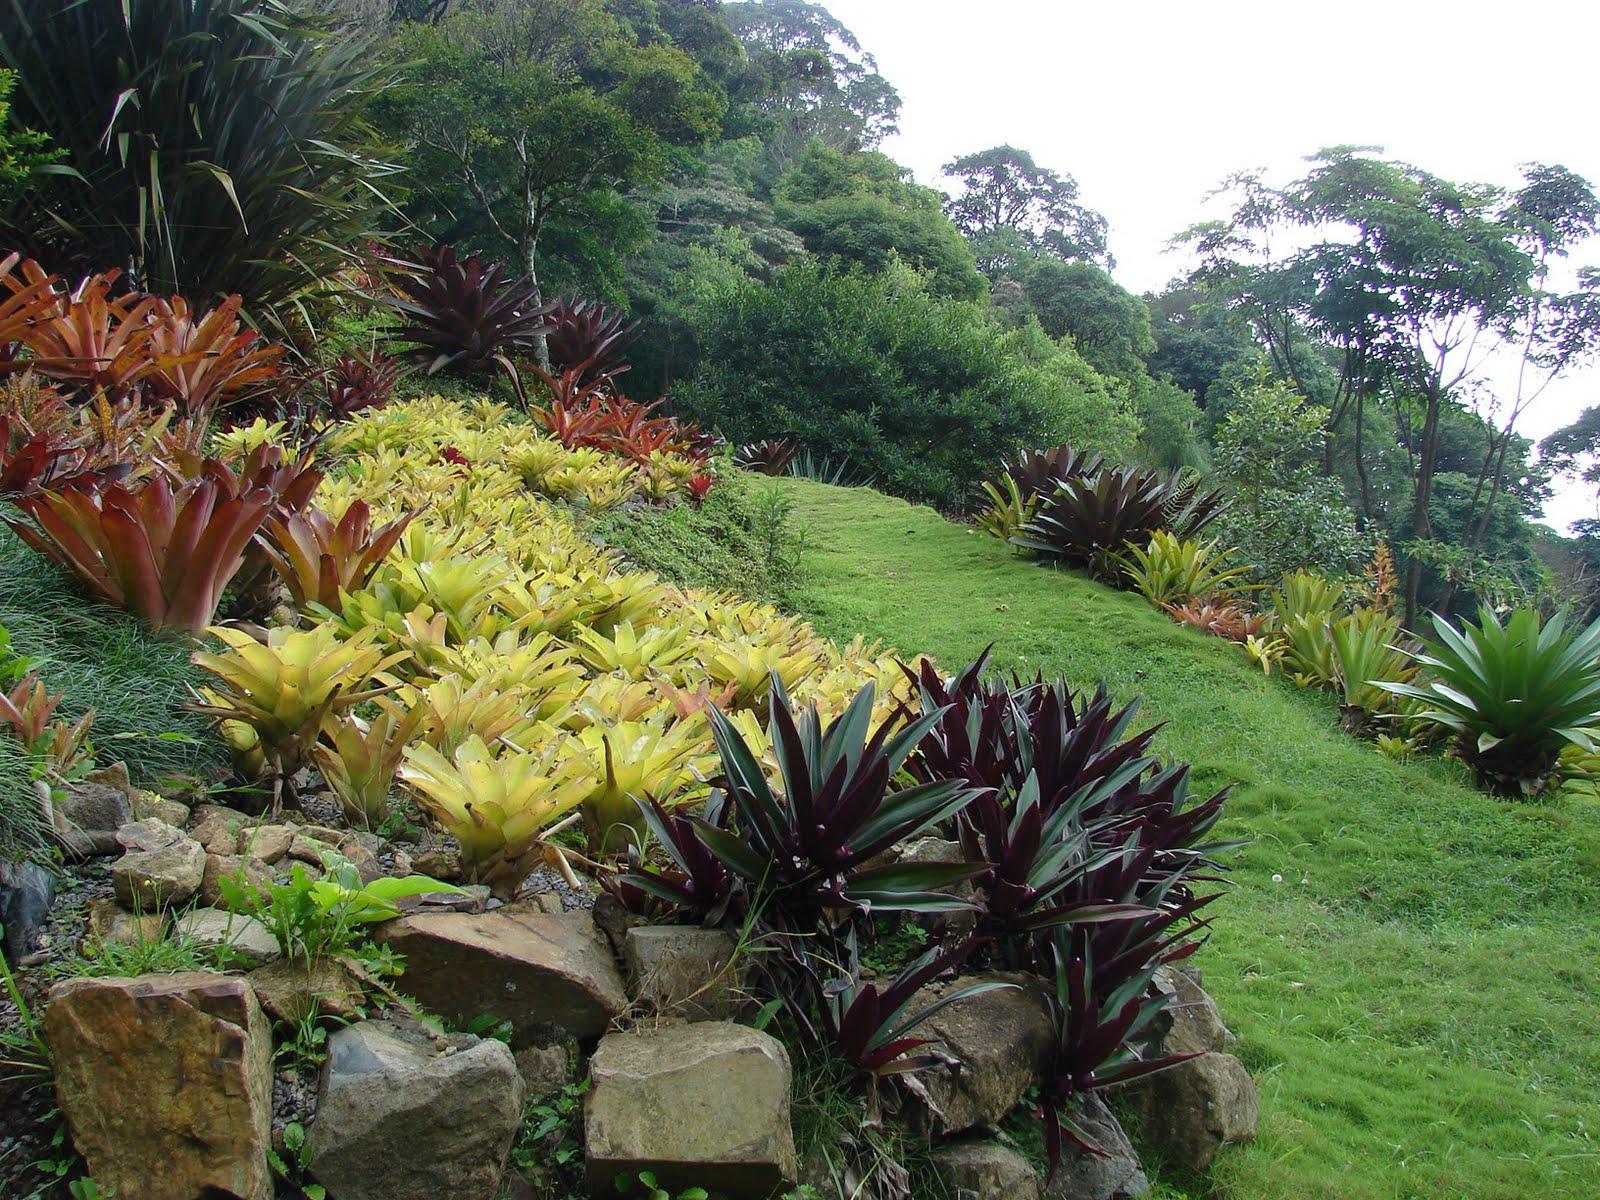 Paisajismo pueblos y jardines contrastes de colores - Bordes para jardines ...